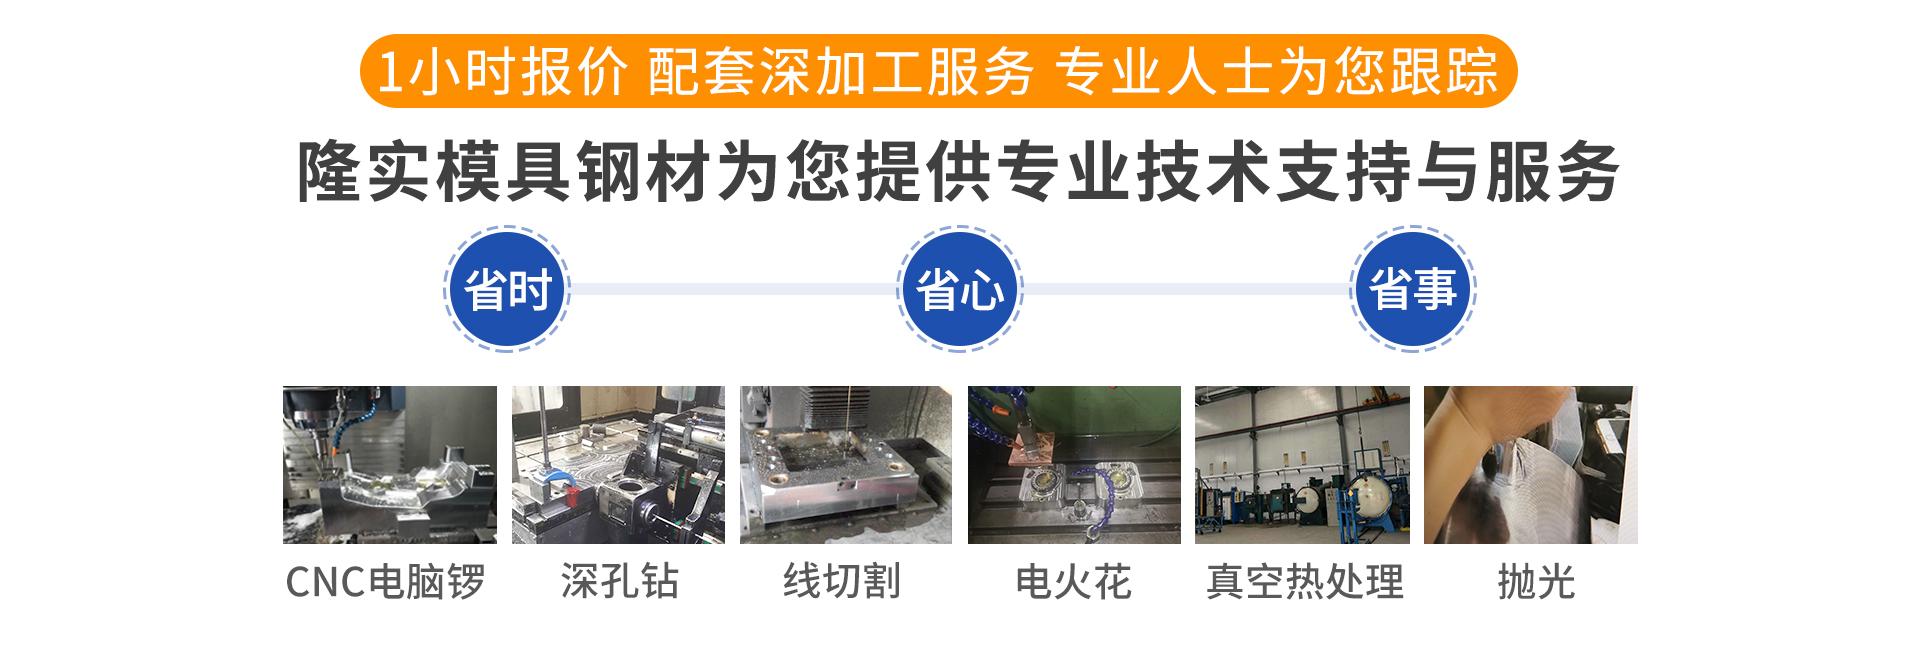 隆实-高品质模具钢材源头厂家